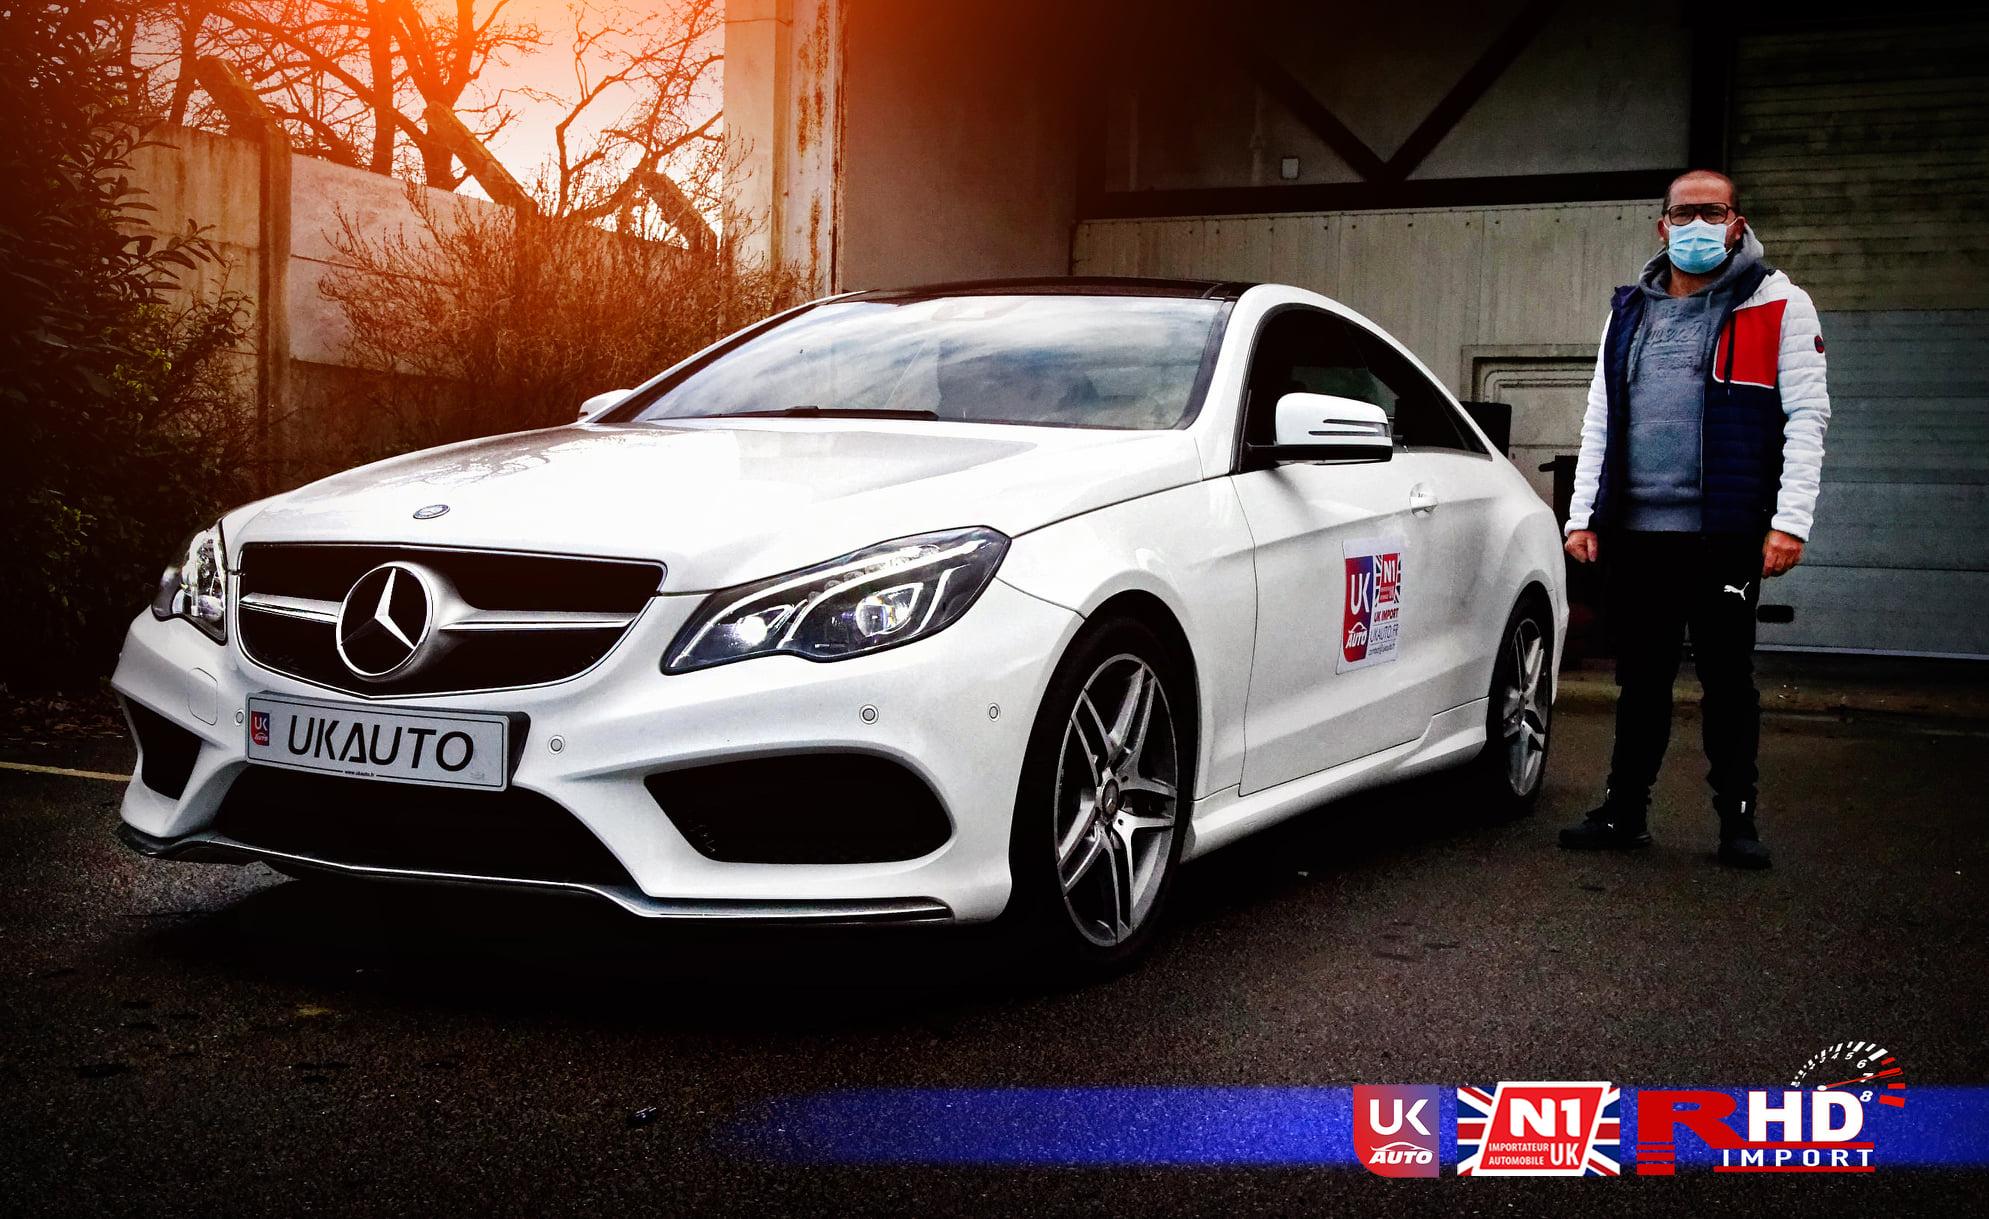 Frais de douane voiture Angleterre avec UKAUTO MERCEDES IMPORT4 - Frais de douane voiture Angleterre avec UKAUTO MERCEDES IMPORT